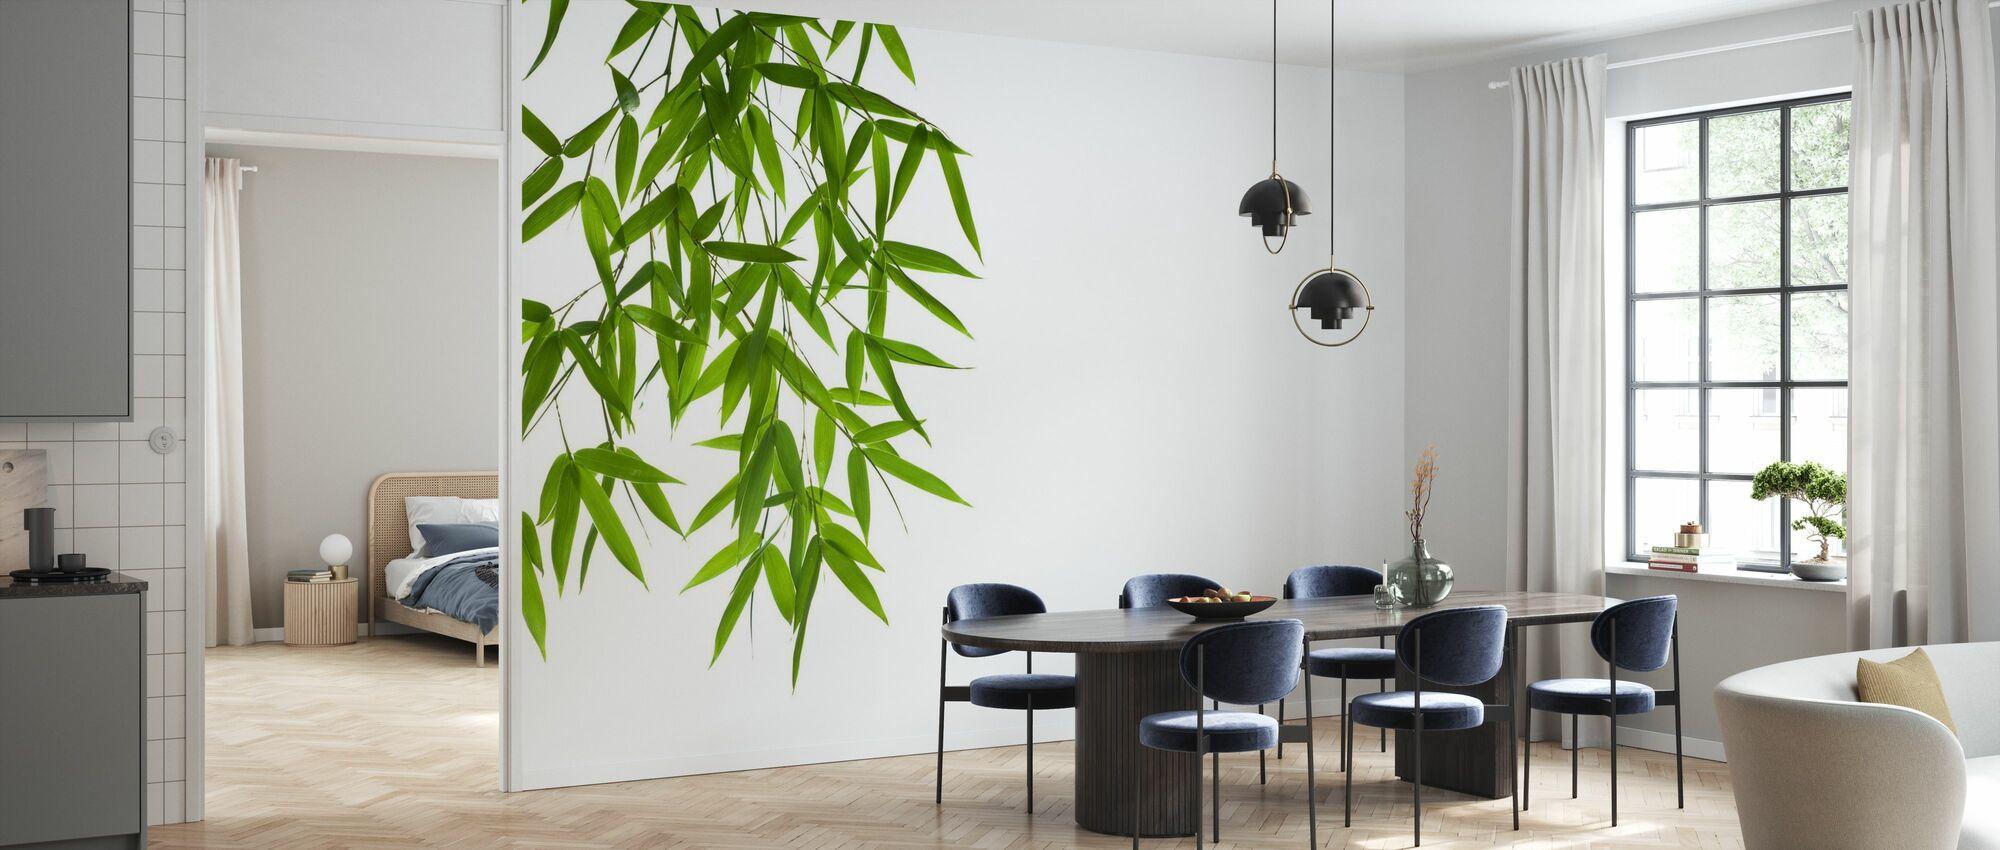 Hangende Bamboe - Behang - Keuken